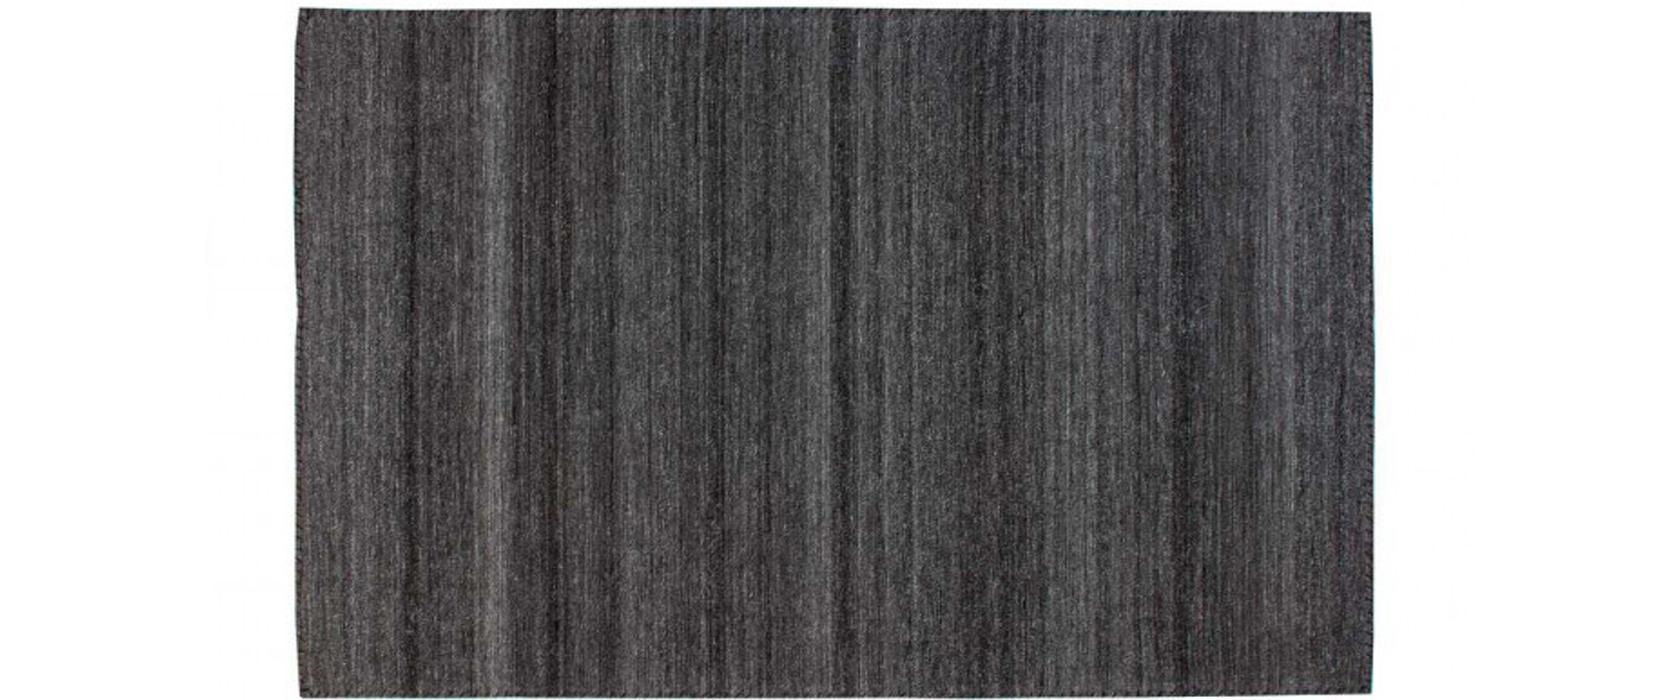 Килим Phoenix 210 Multi/Antracite 160х230 см - Pufetto